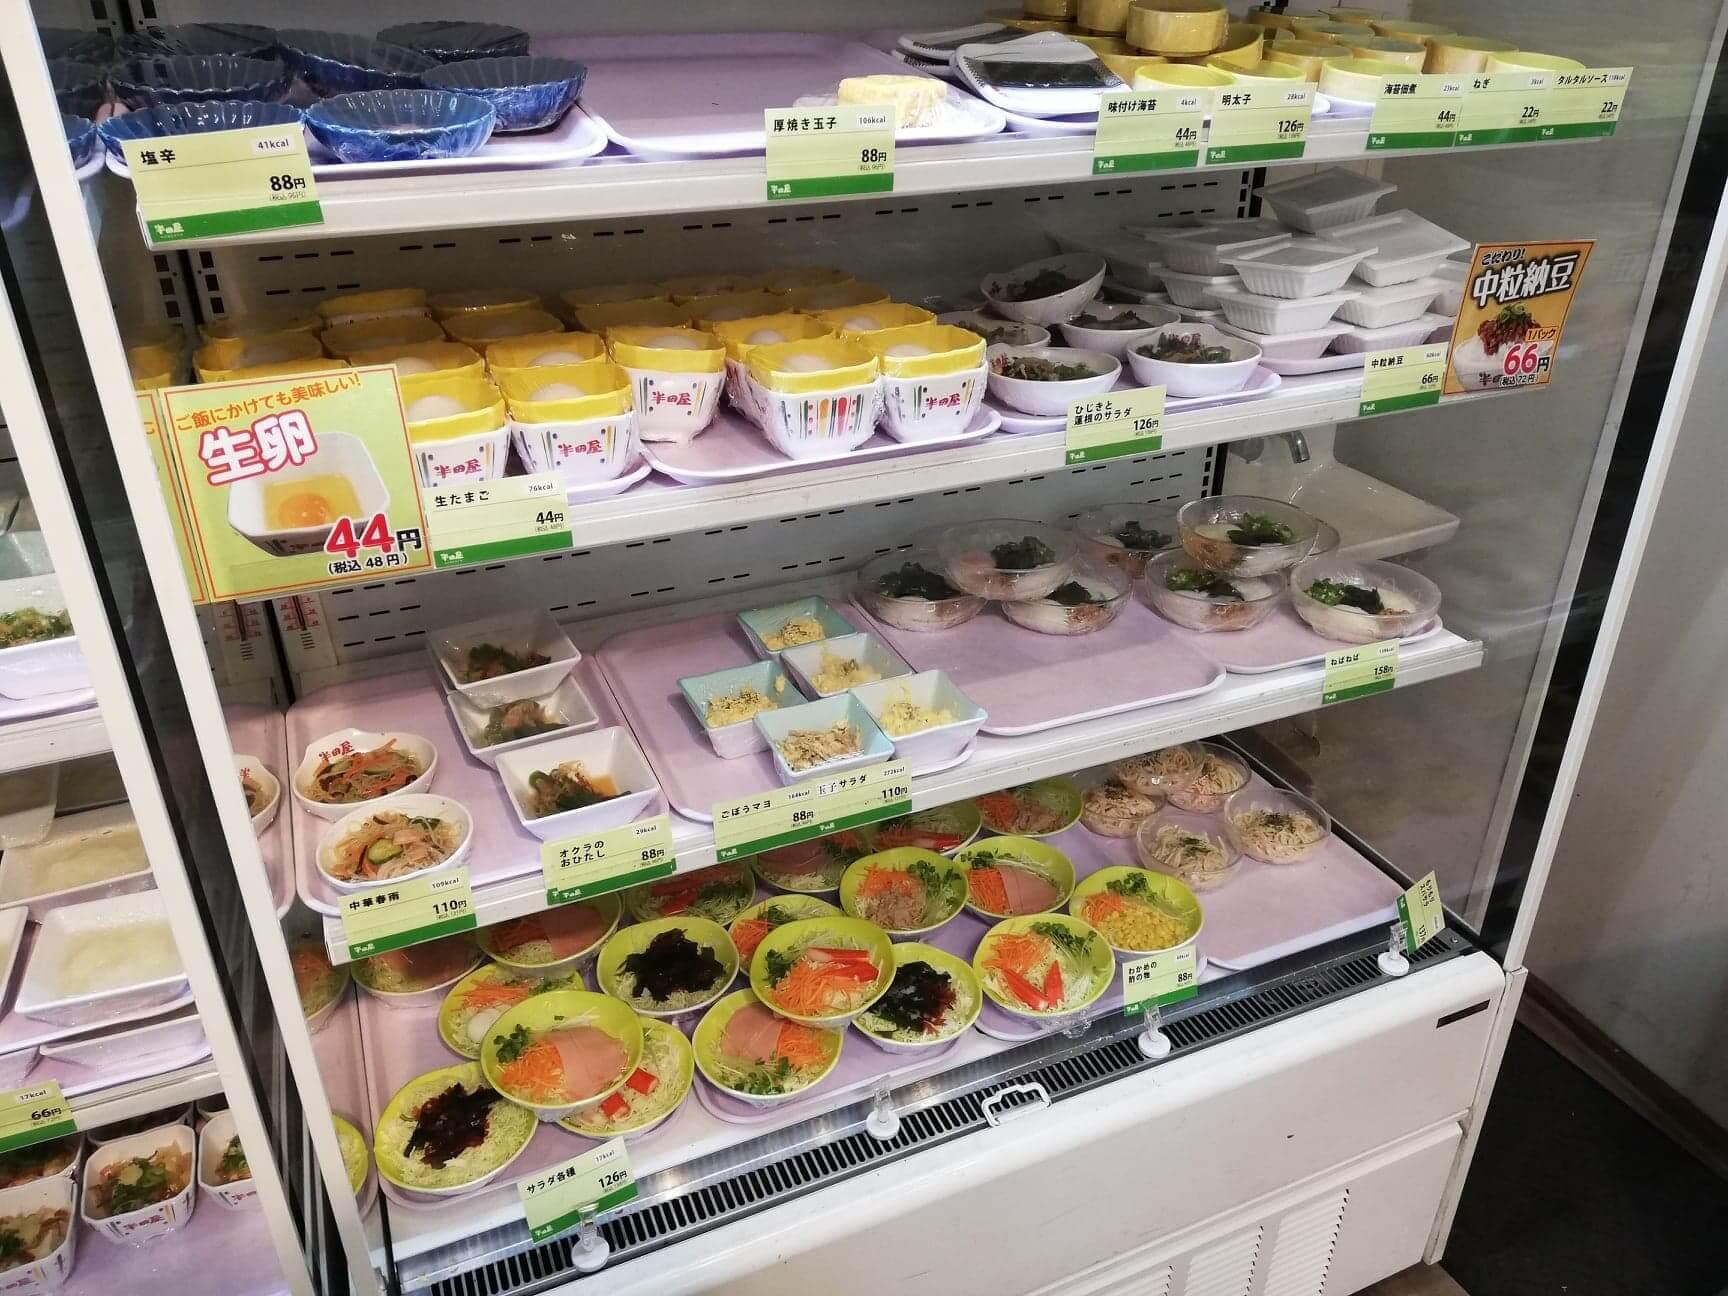 宮城県仙台市『大衆食堂半田屋東口BiVi店』の店内にある商品の写真